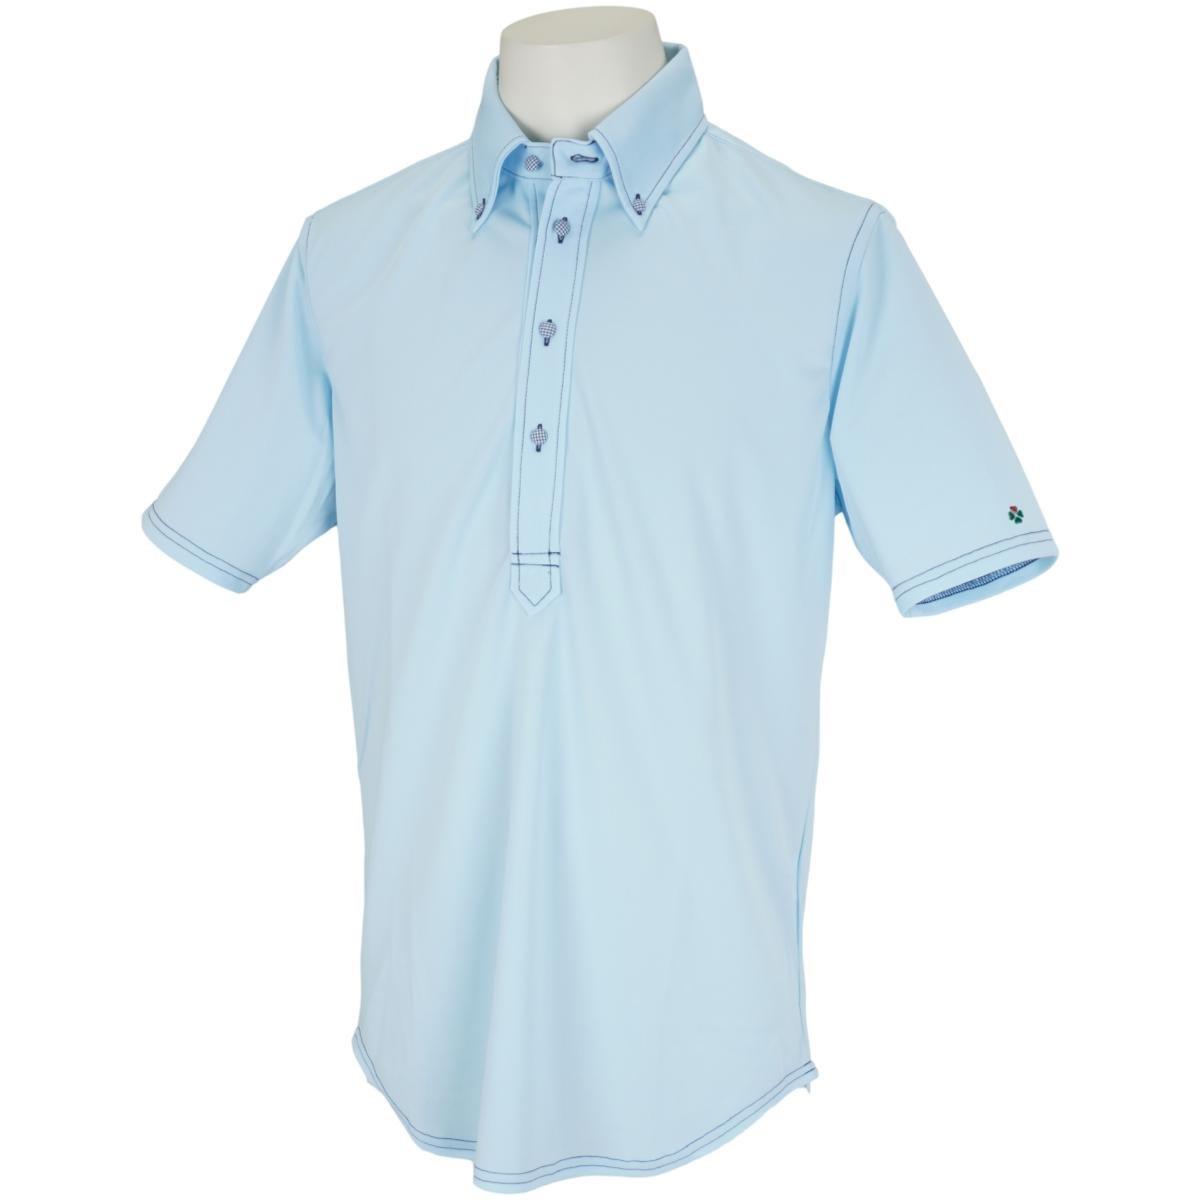 ブラッドシフト ギンガム包みボタン 半袖ボタンダウンポロシャツ